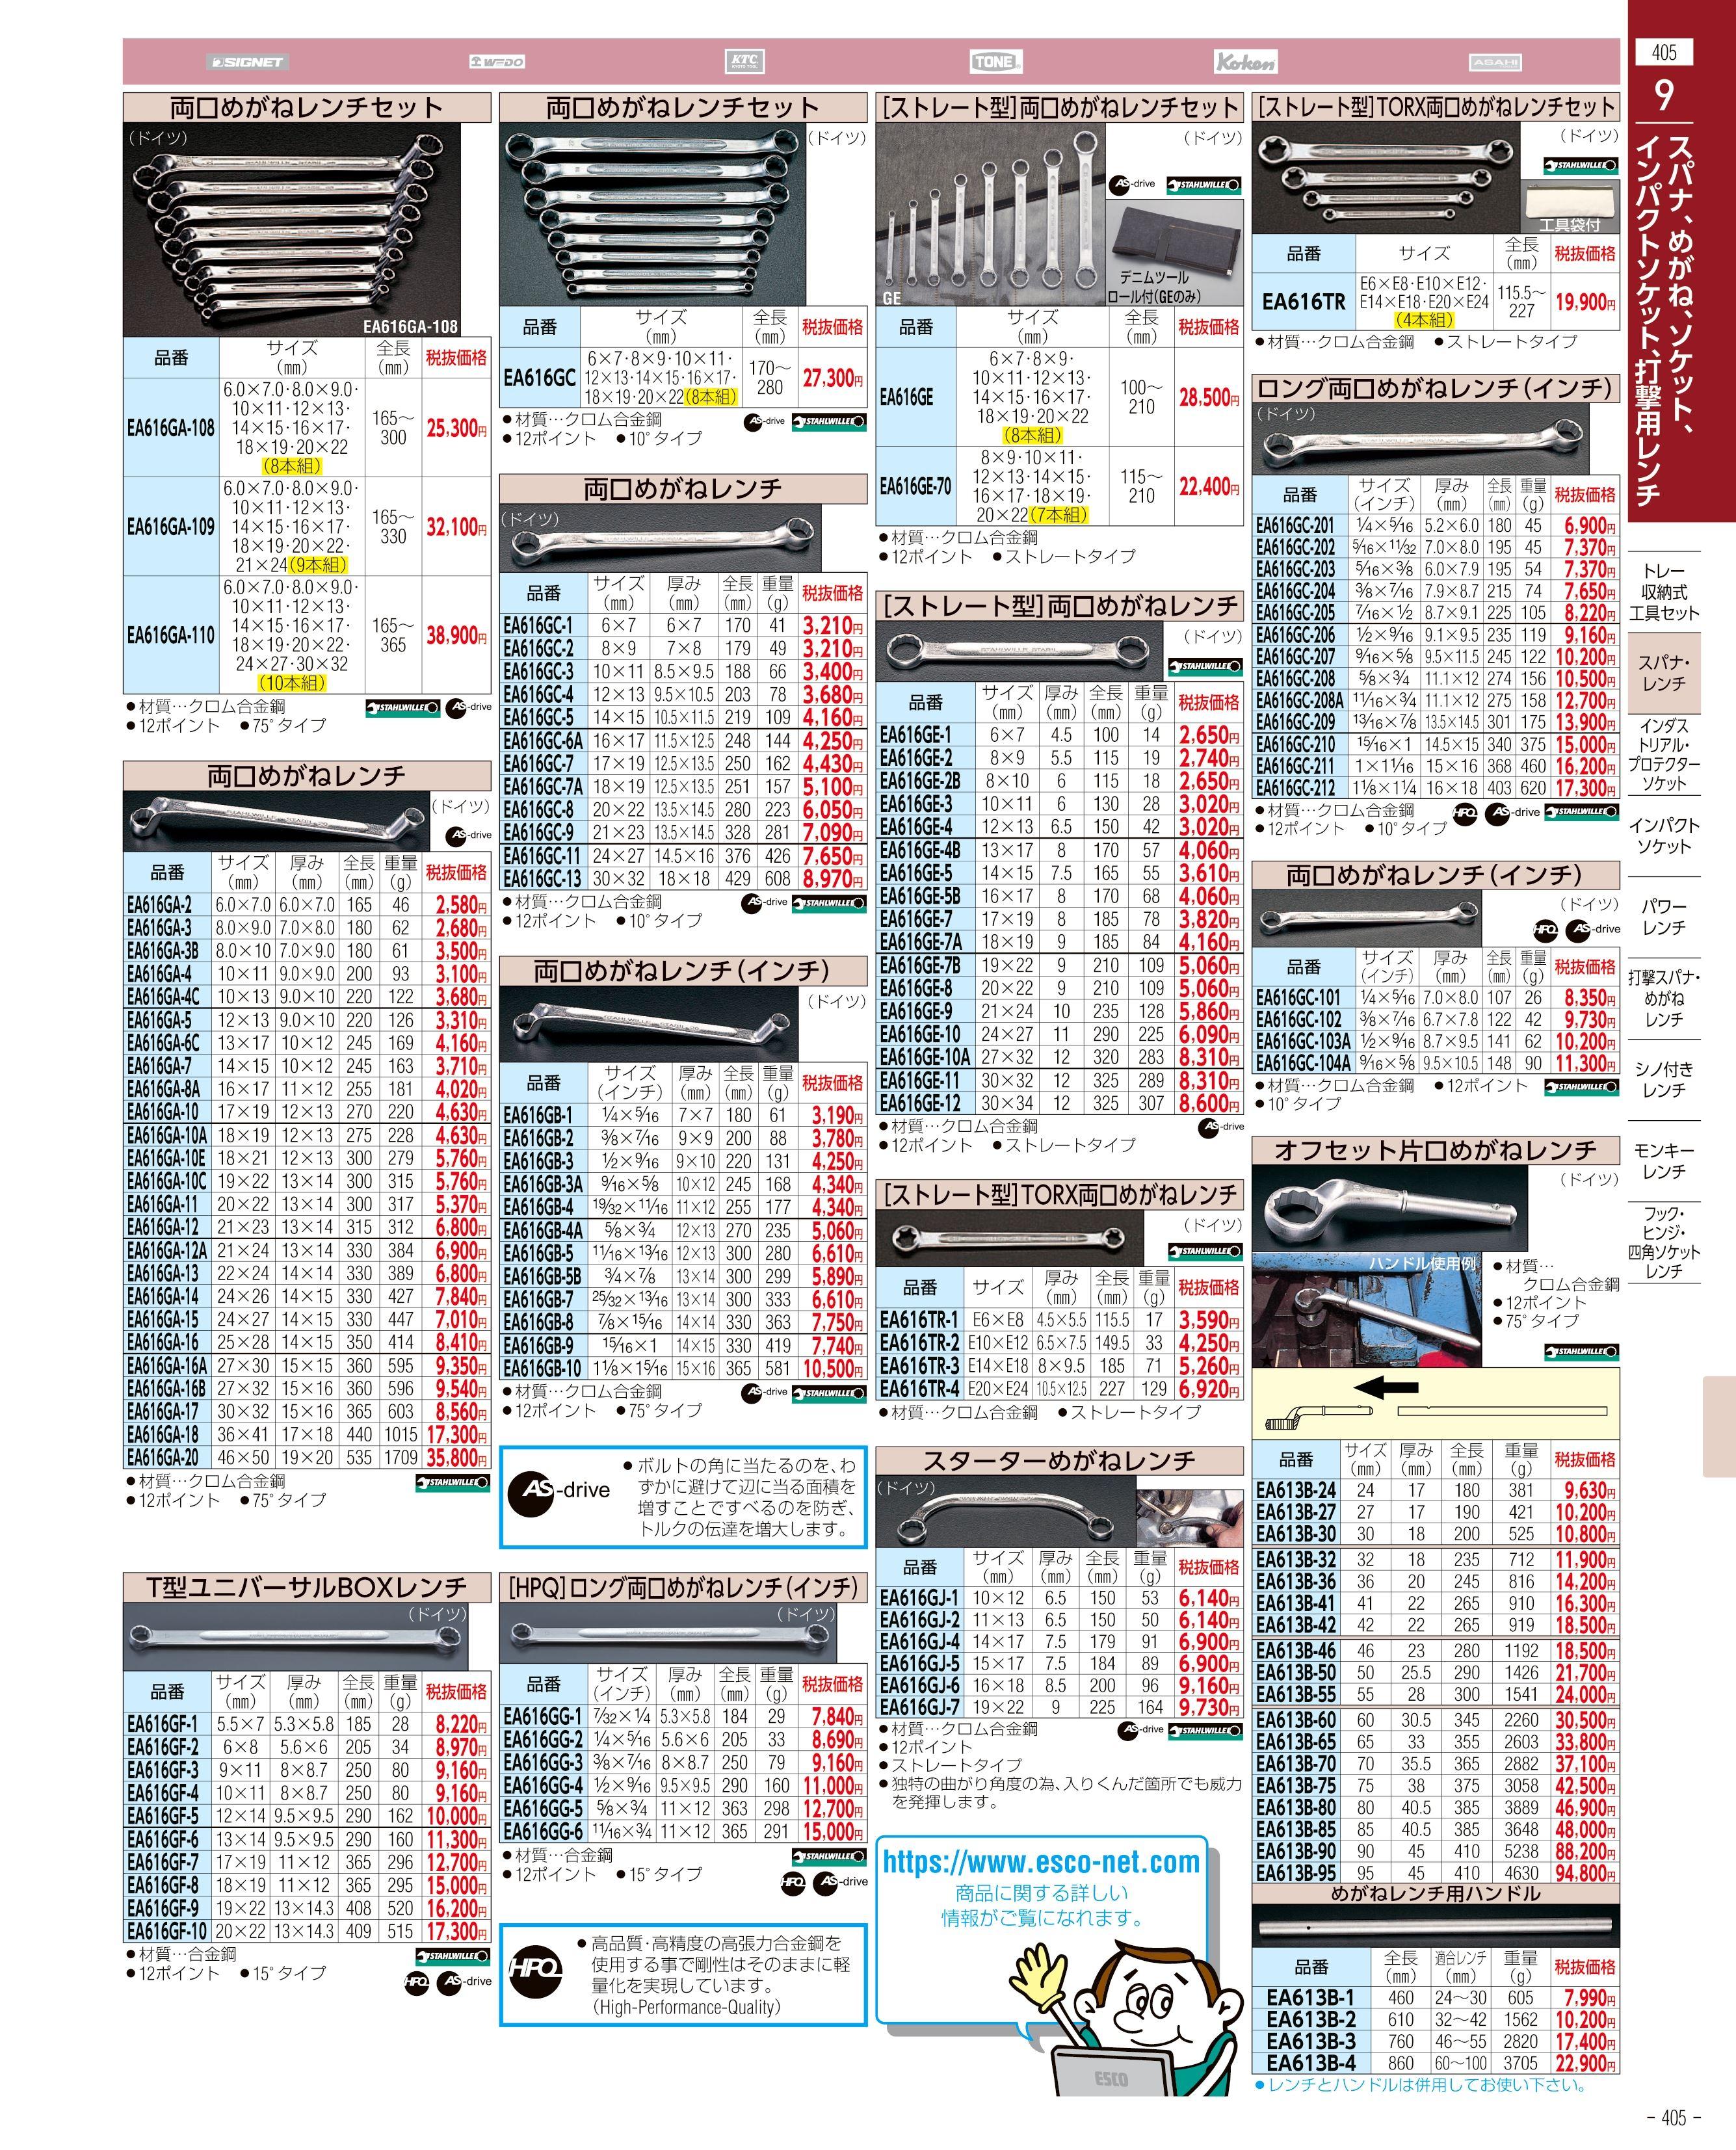 エスコ便利カタログ405ページ